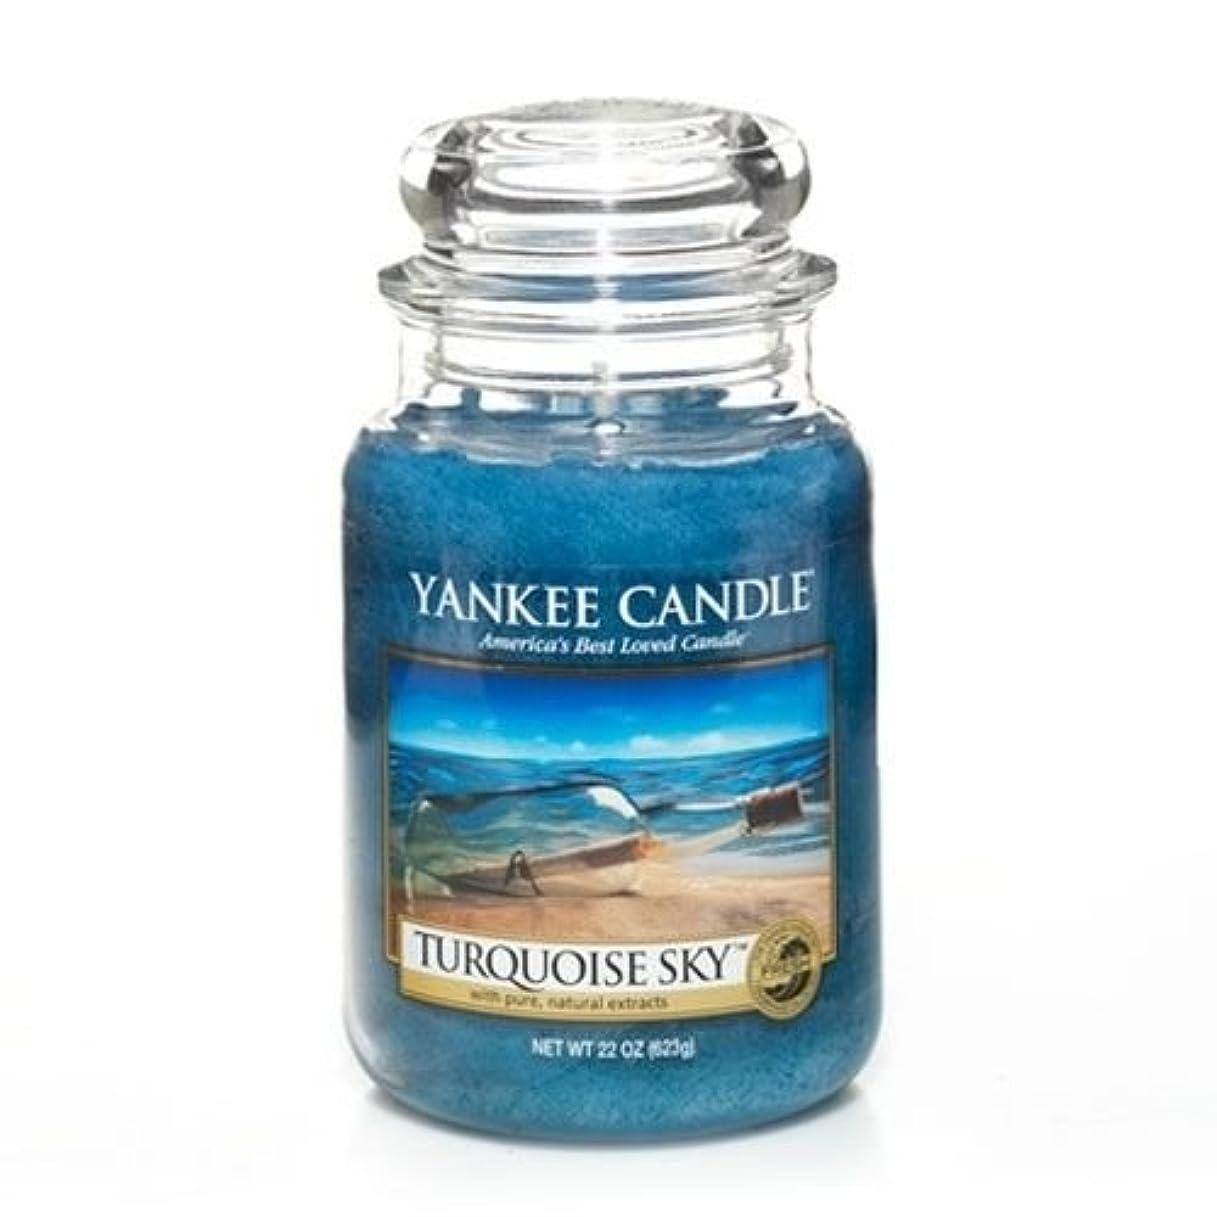 蓋活性化する童謡YankeeキャンドルターコイズSky Large Jar Candle、新鮮な香り